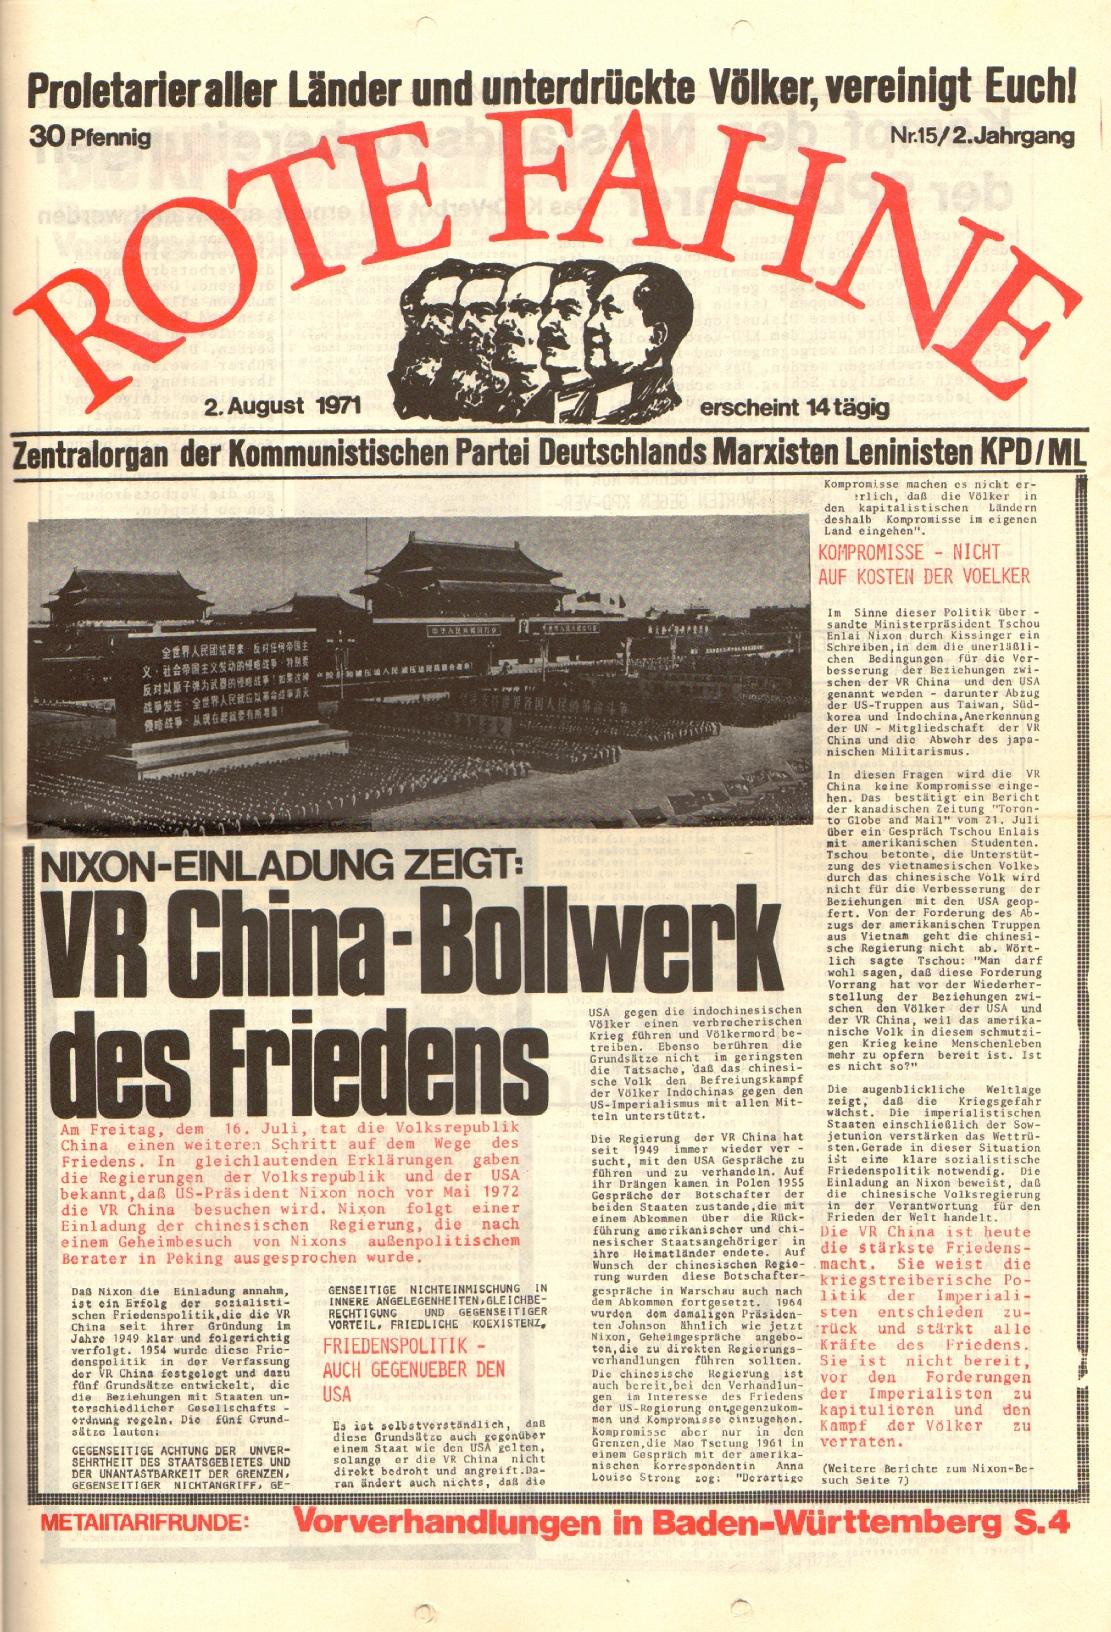 Rote Fahne, 2. Jg., 2.8.1971, Nr. 15, Seite 1